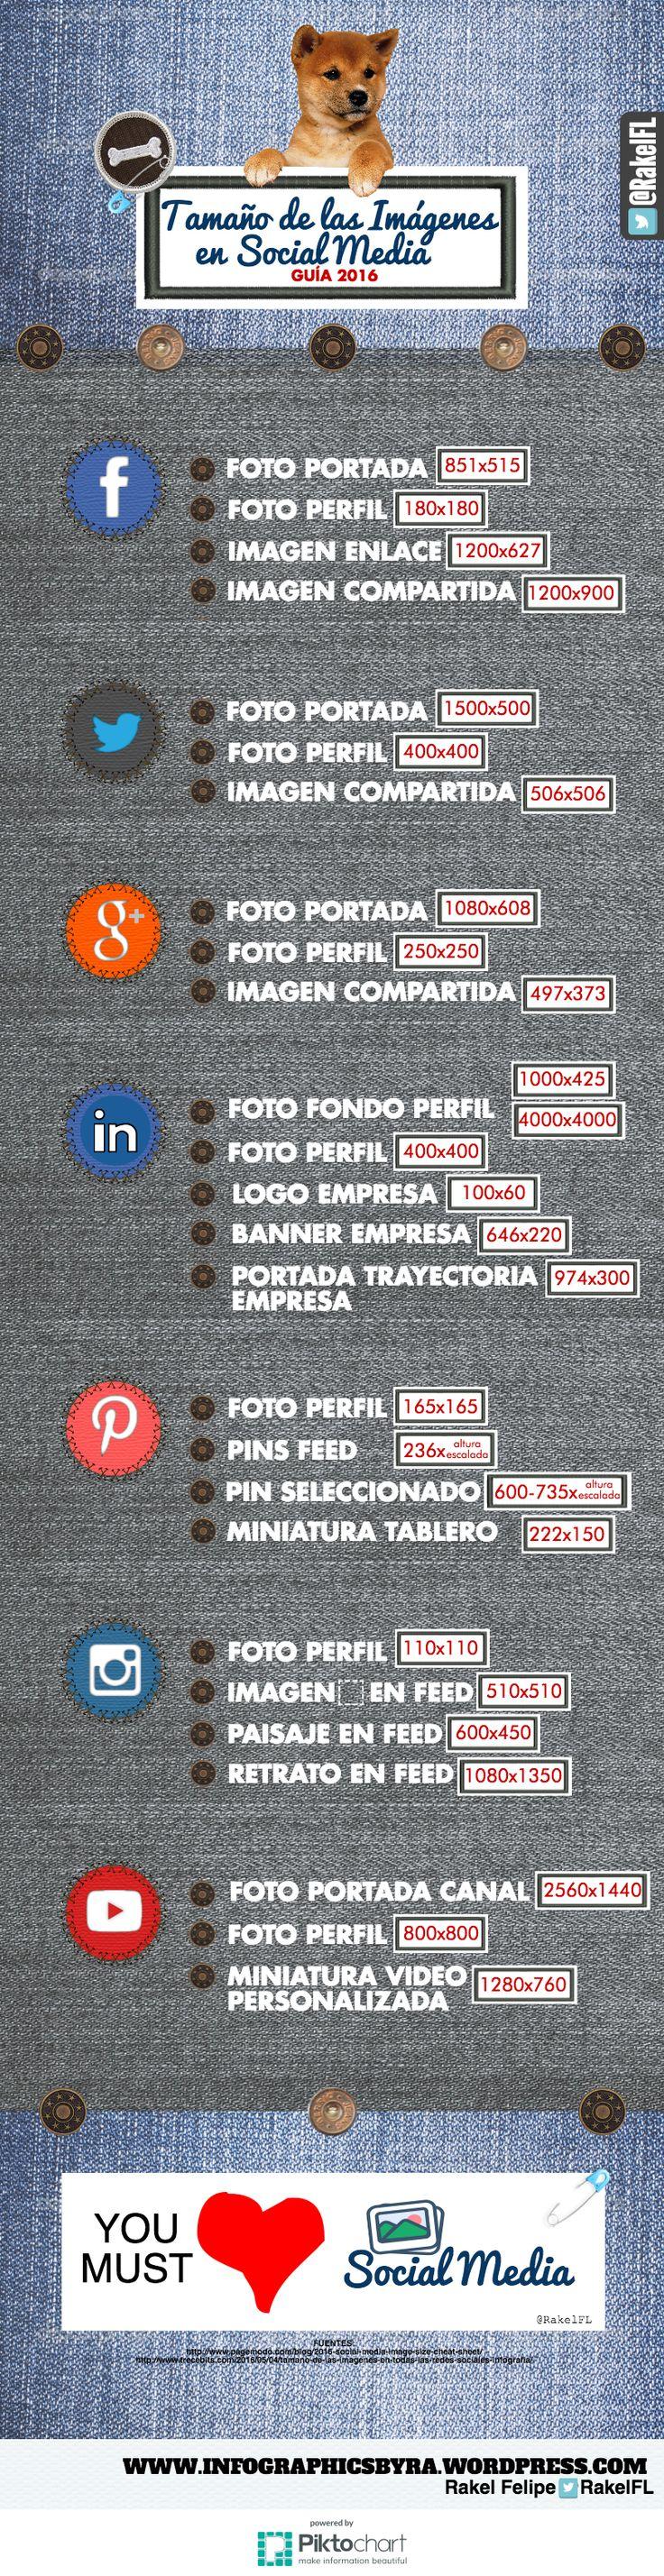 tamaño-imagenes-social-media-guia-2016-infografía-by-rakel-felipe